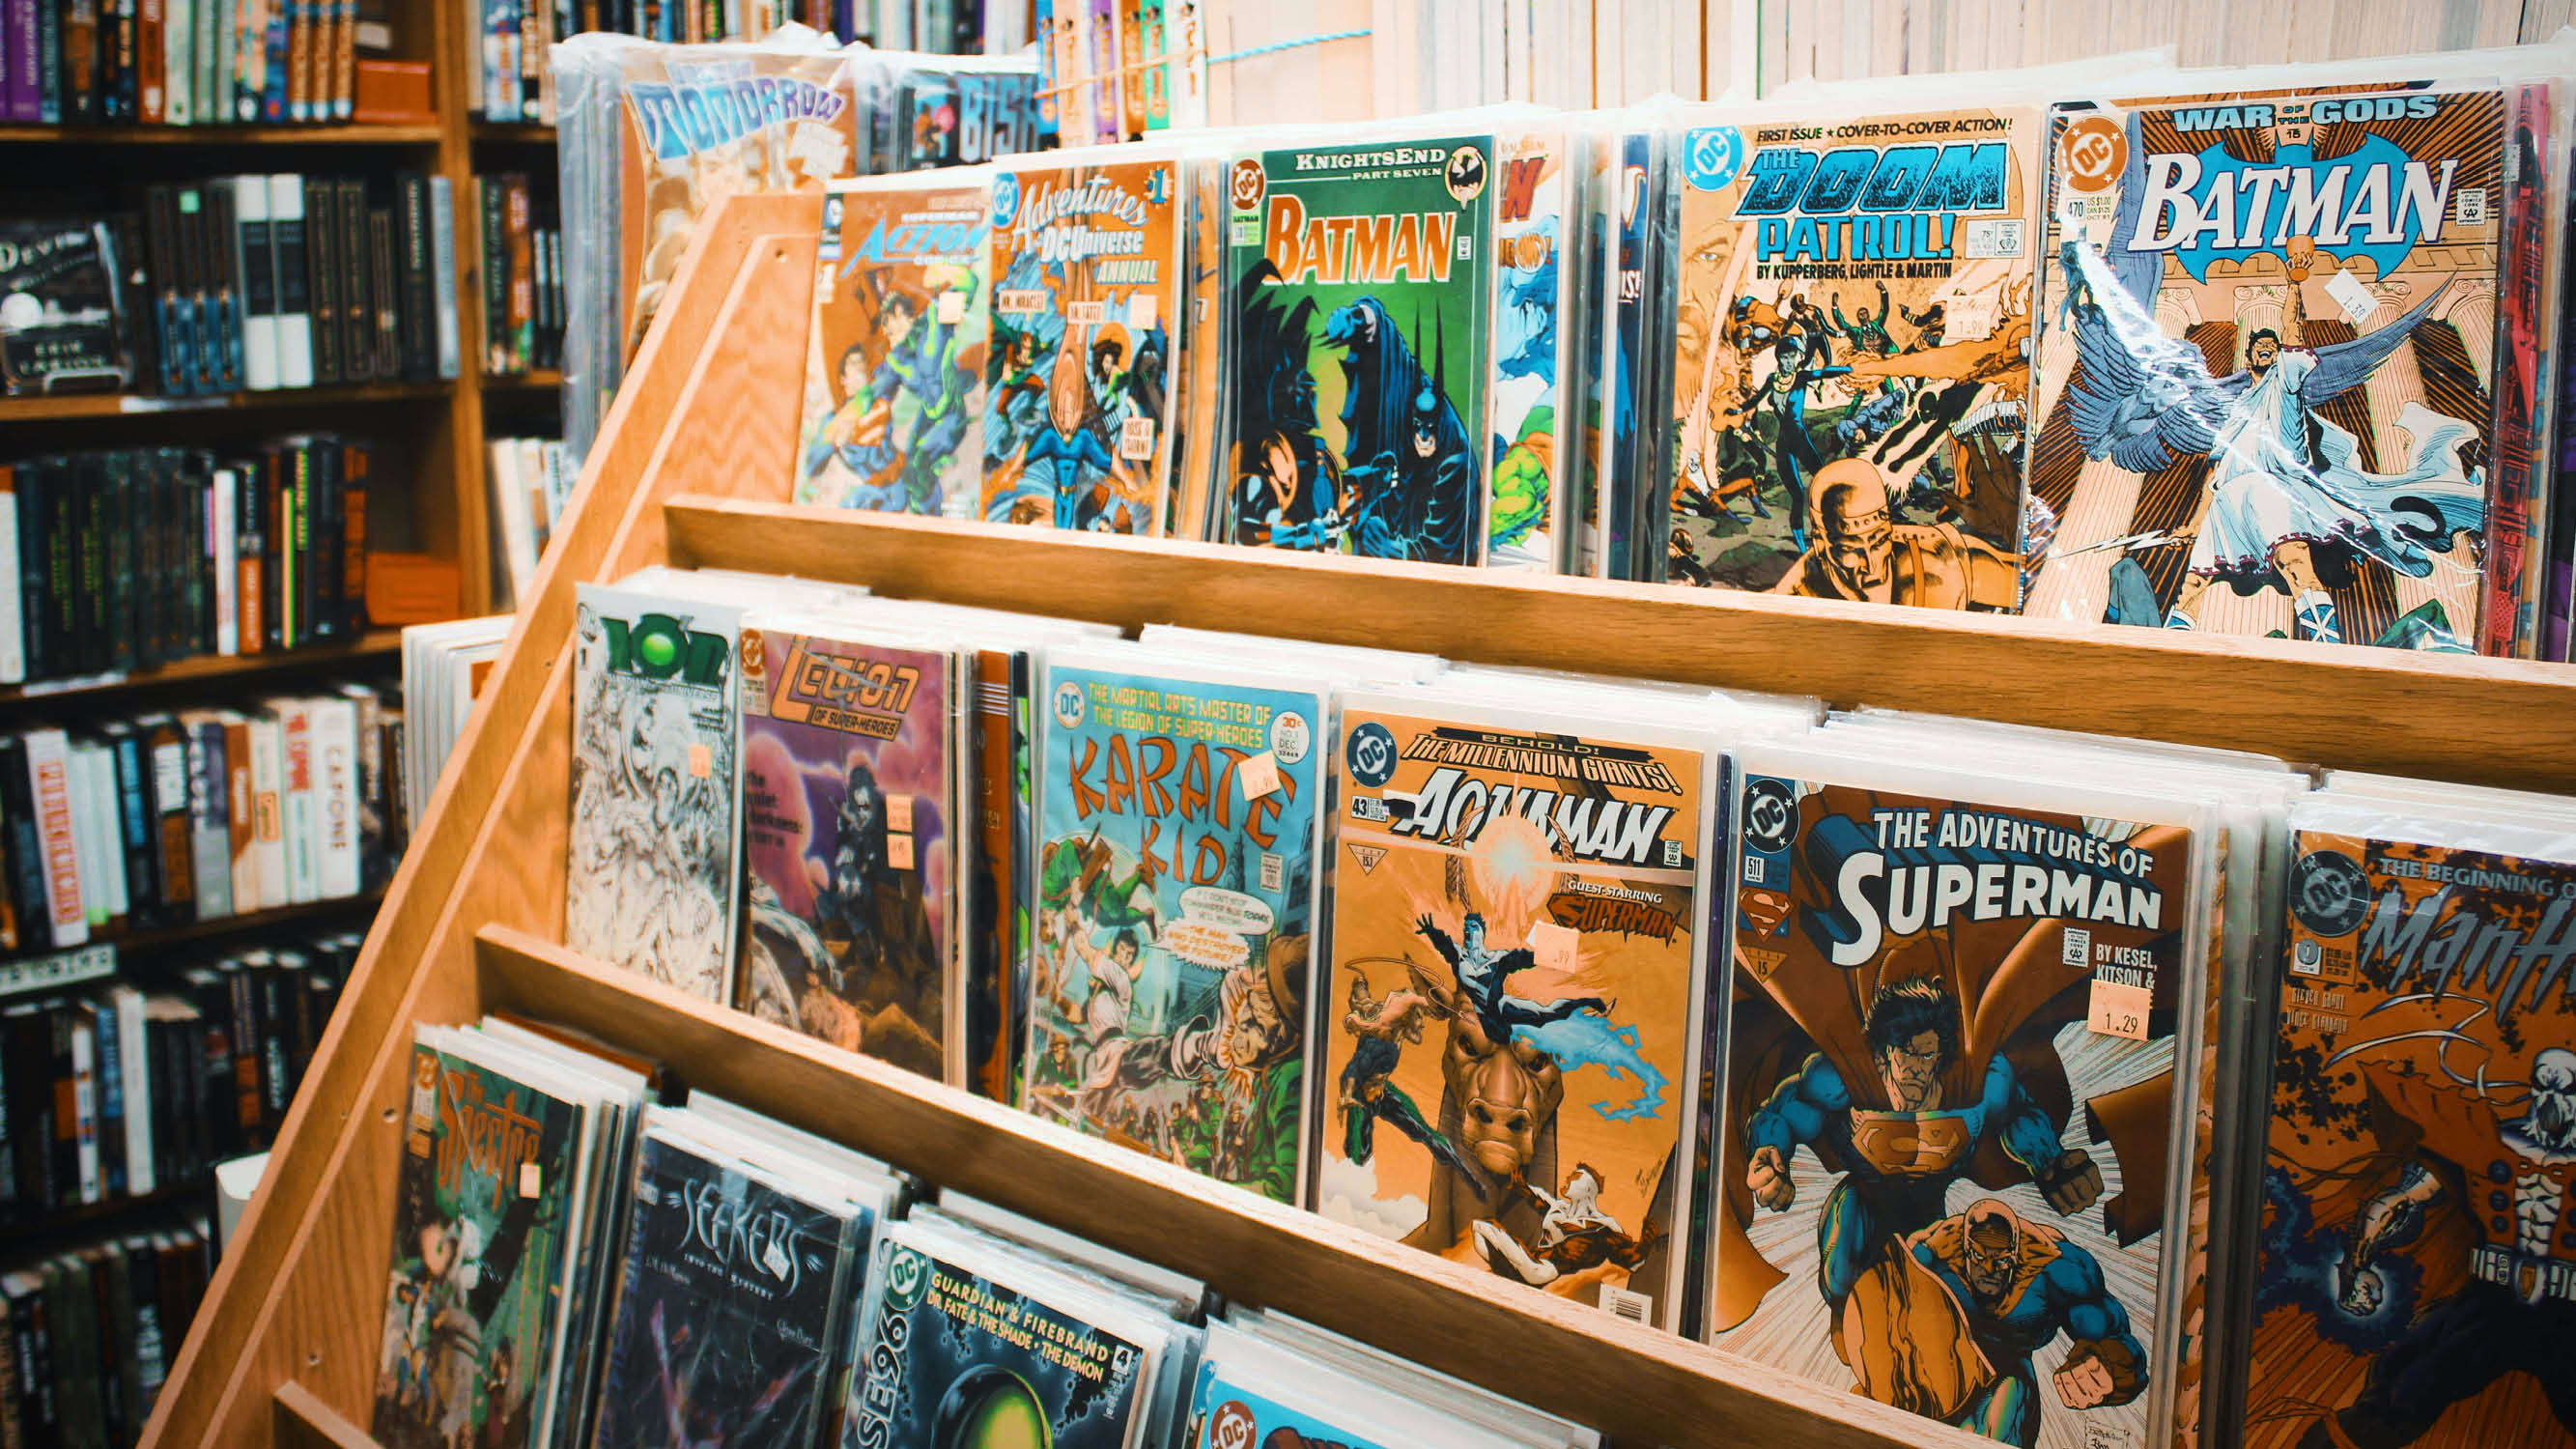 Le Comic-Con de San Diego aura un événement digital cet été